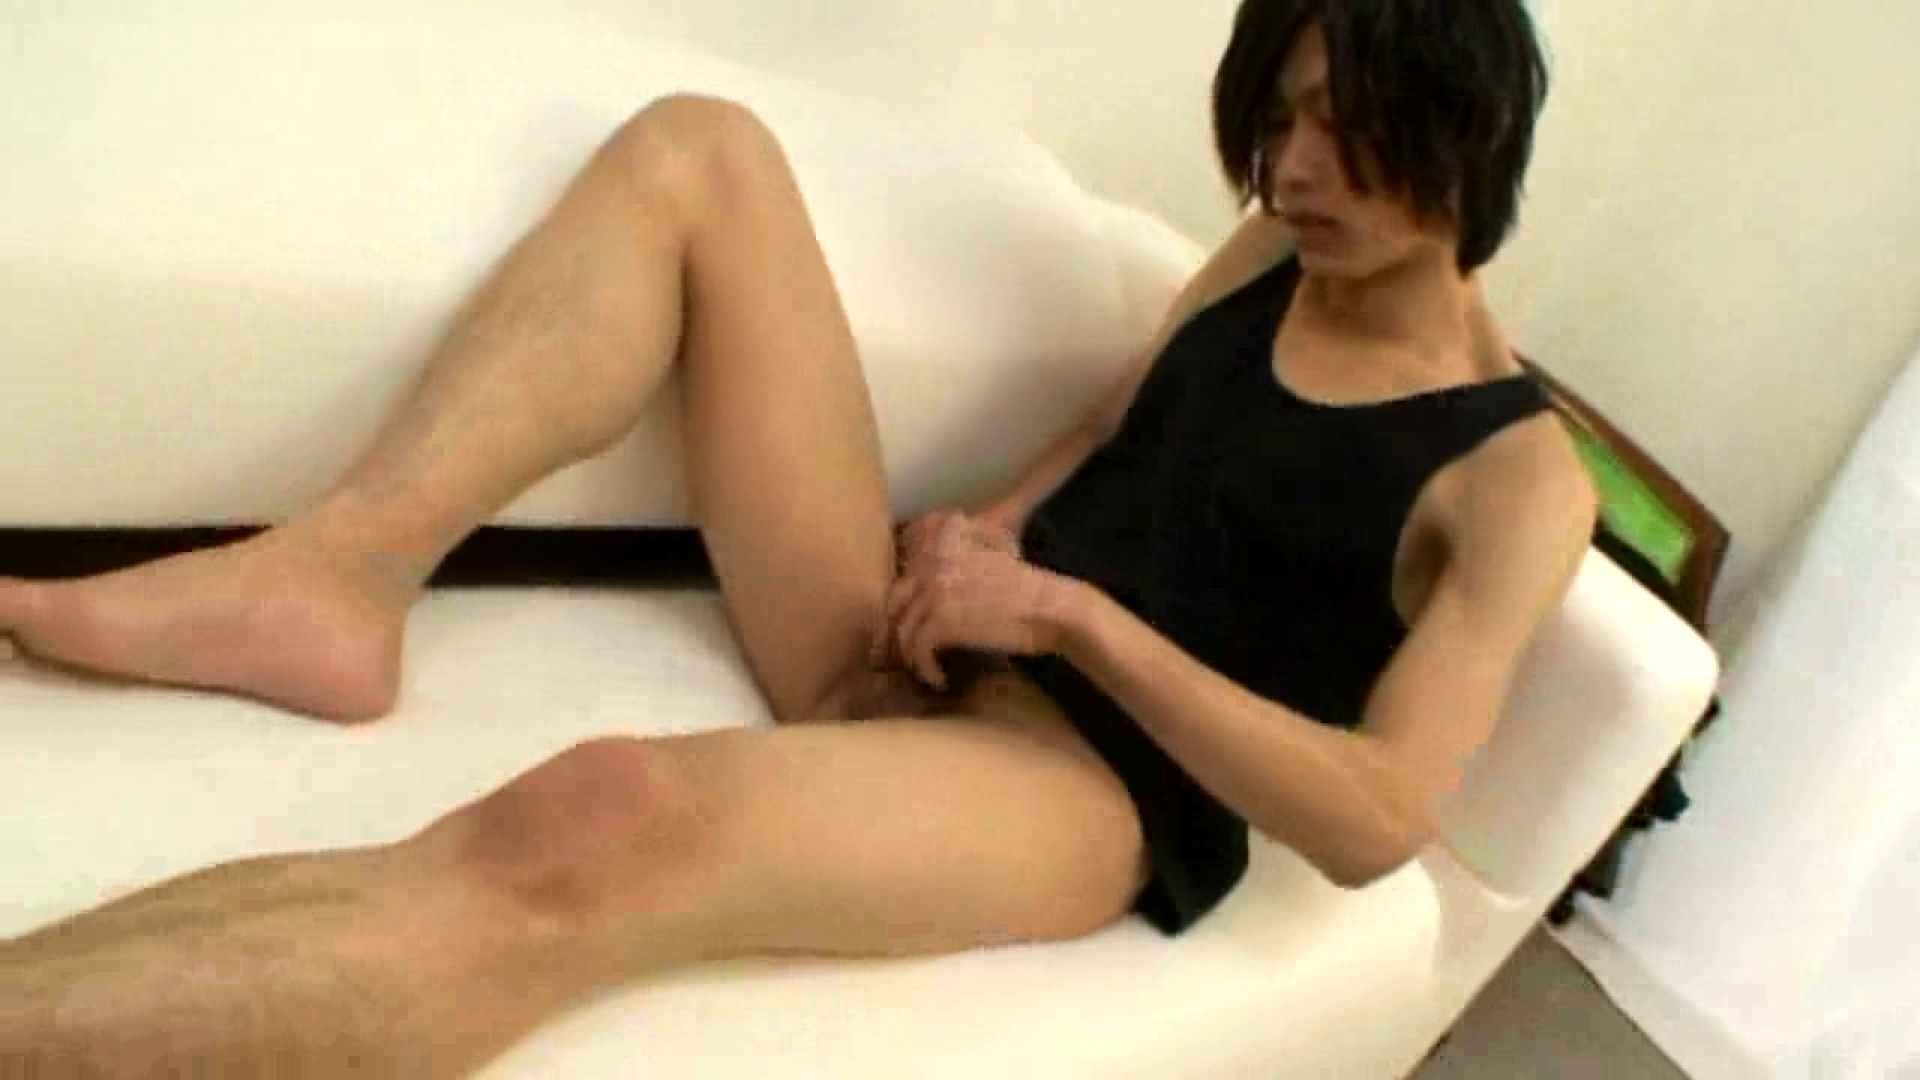 ノンケ!自慰スタジオ No.27 自慰シーン 男同士画像 106枚 80